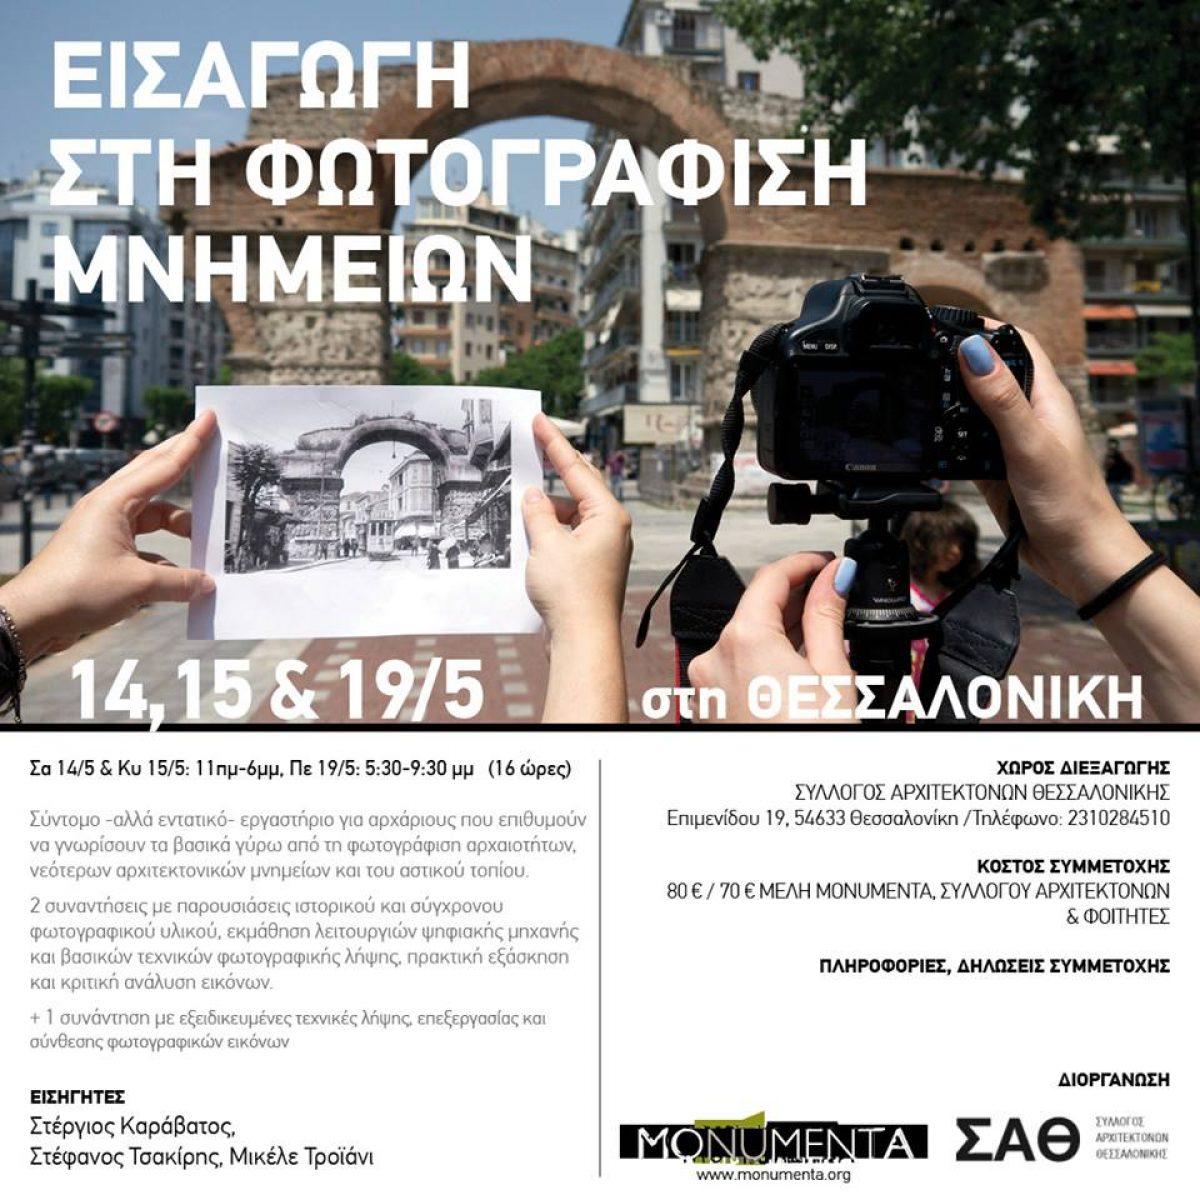 Εργαστήριο με θέμα : Εισαγωγή στη φωτογράφιση μνημείων στη Θεσσαλονίκη